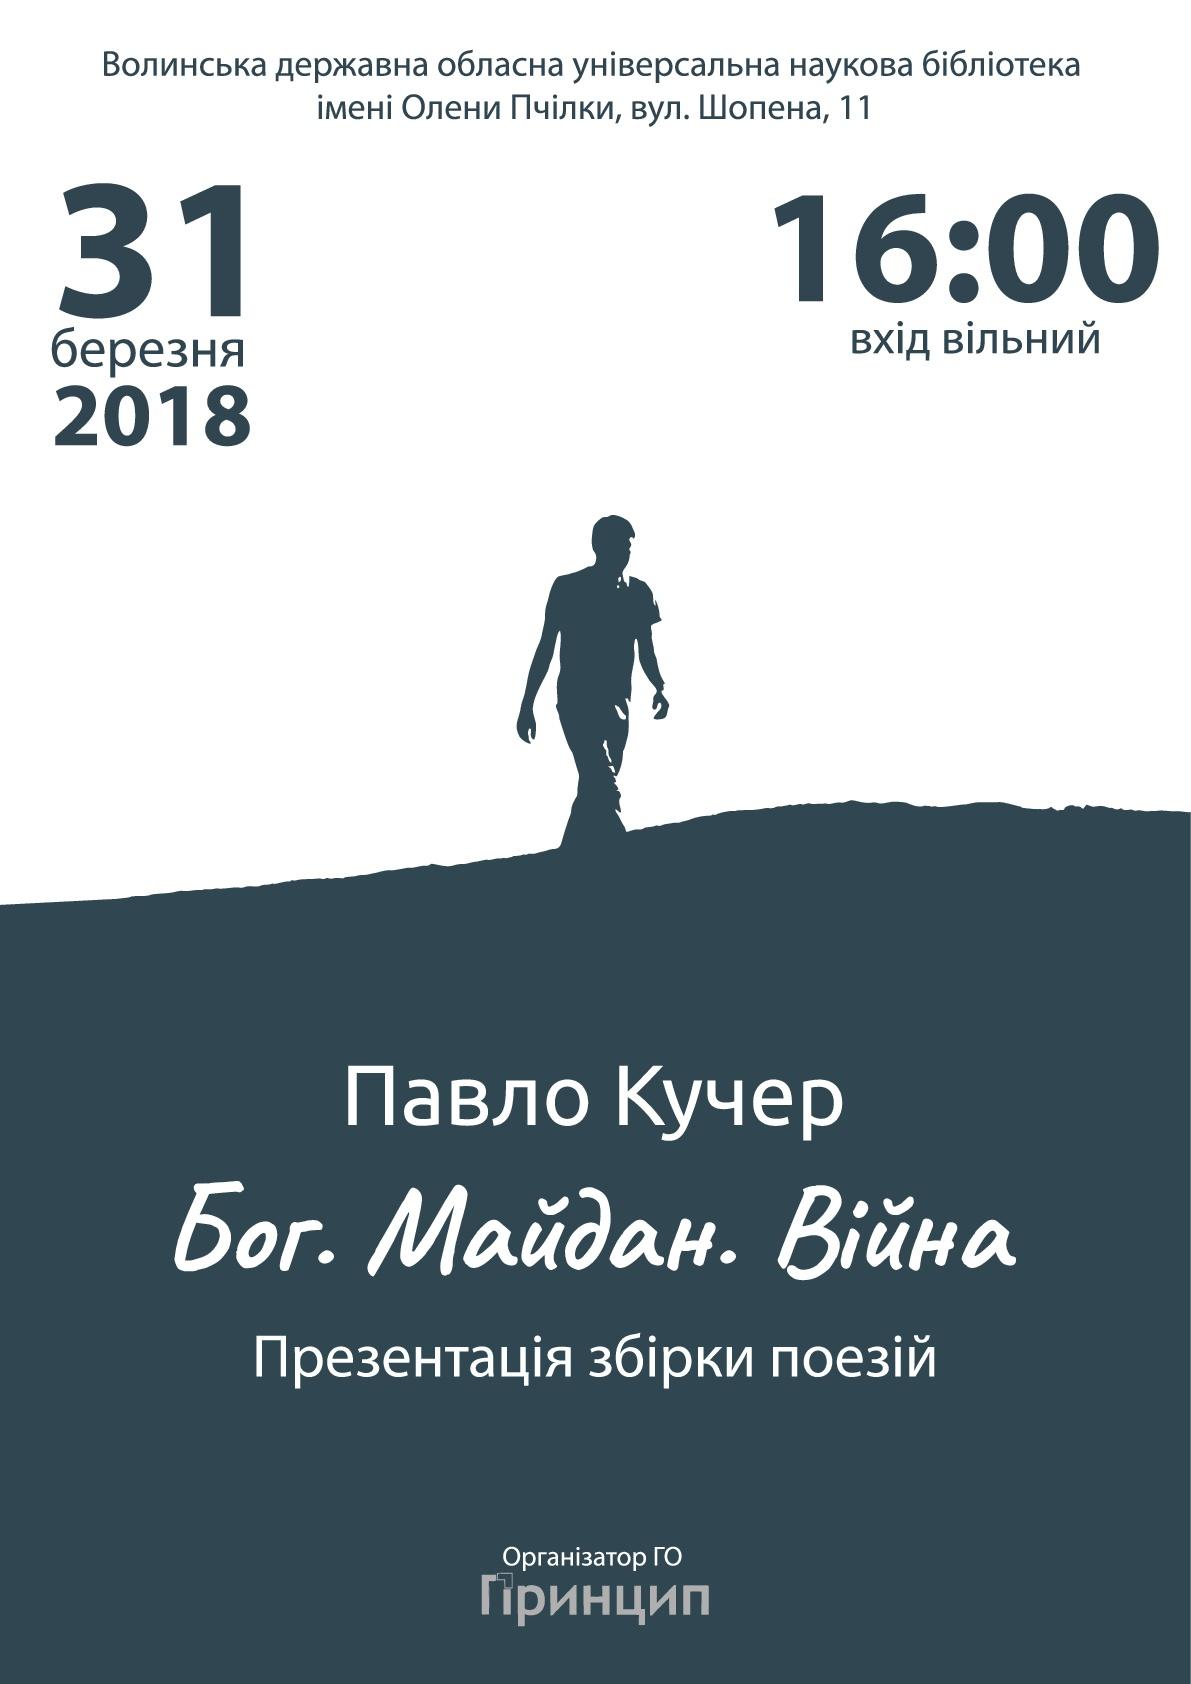 У Луцьку представлять поезію, написану під час та після Майдану